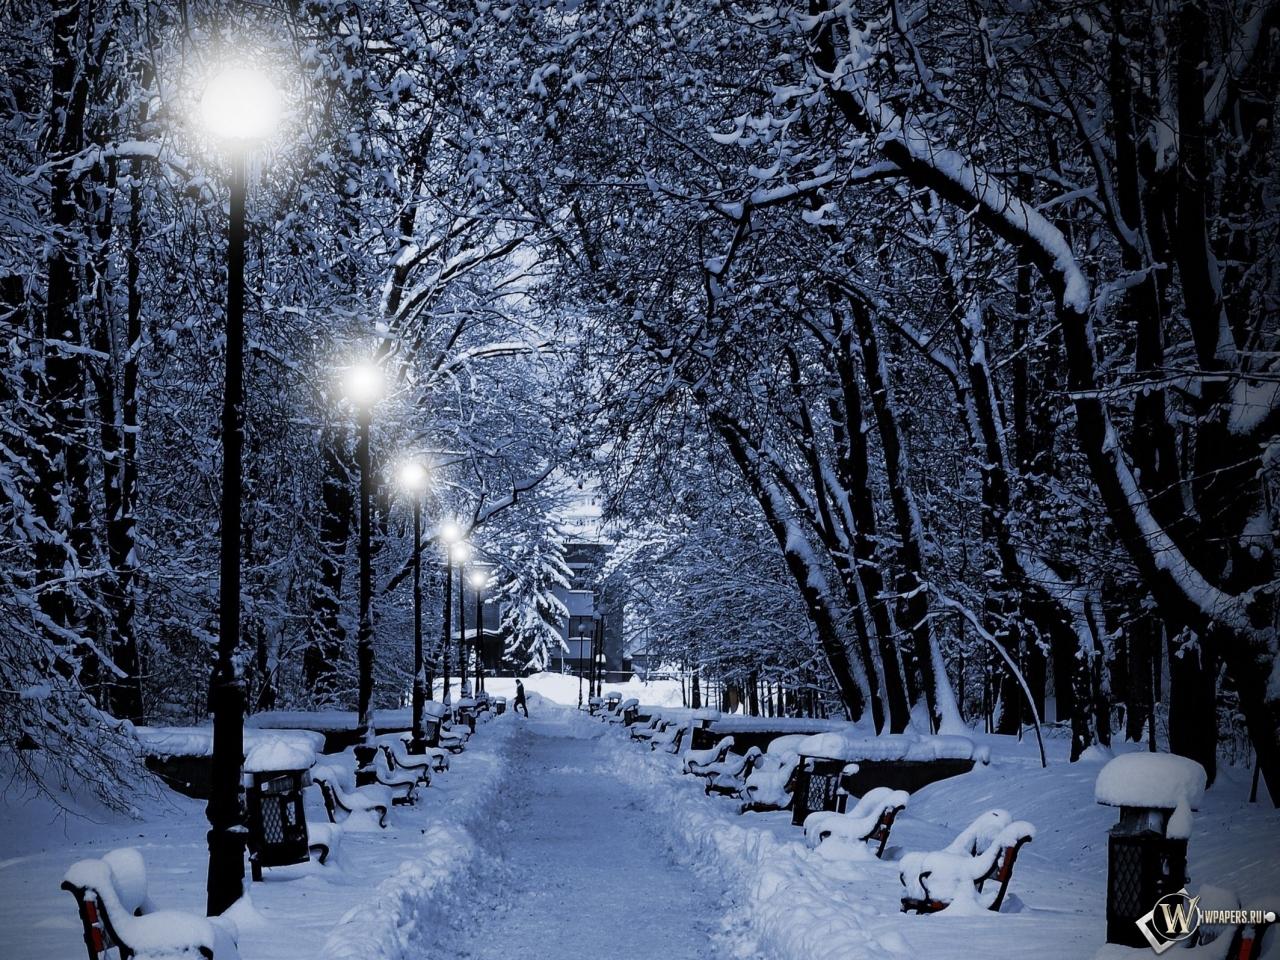 Аллея зимой 1280x960